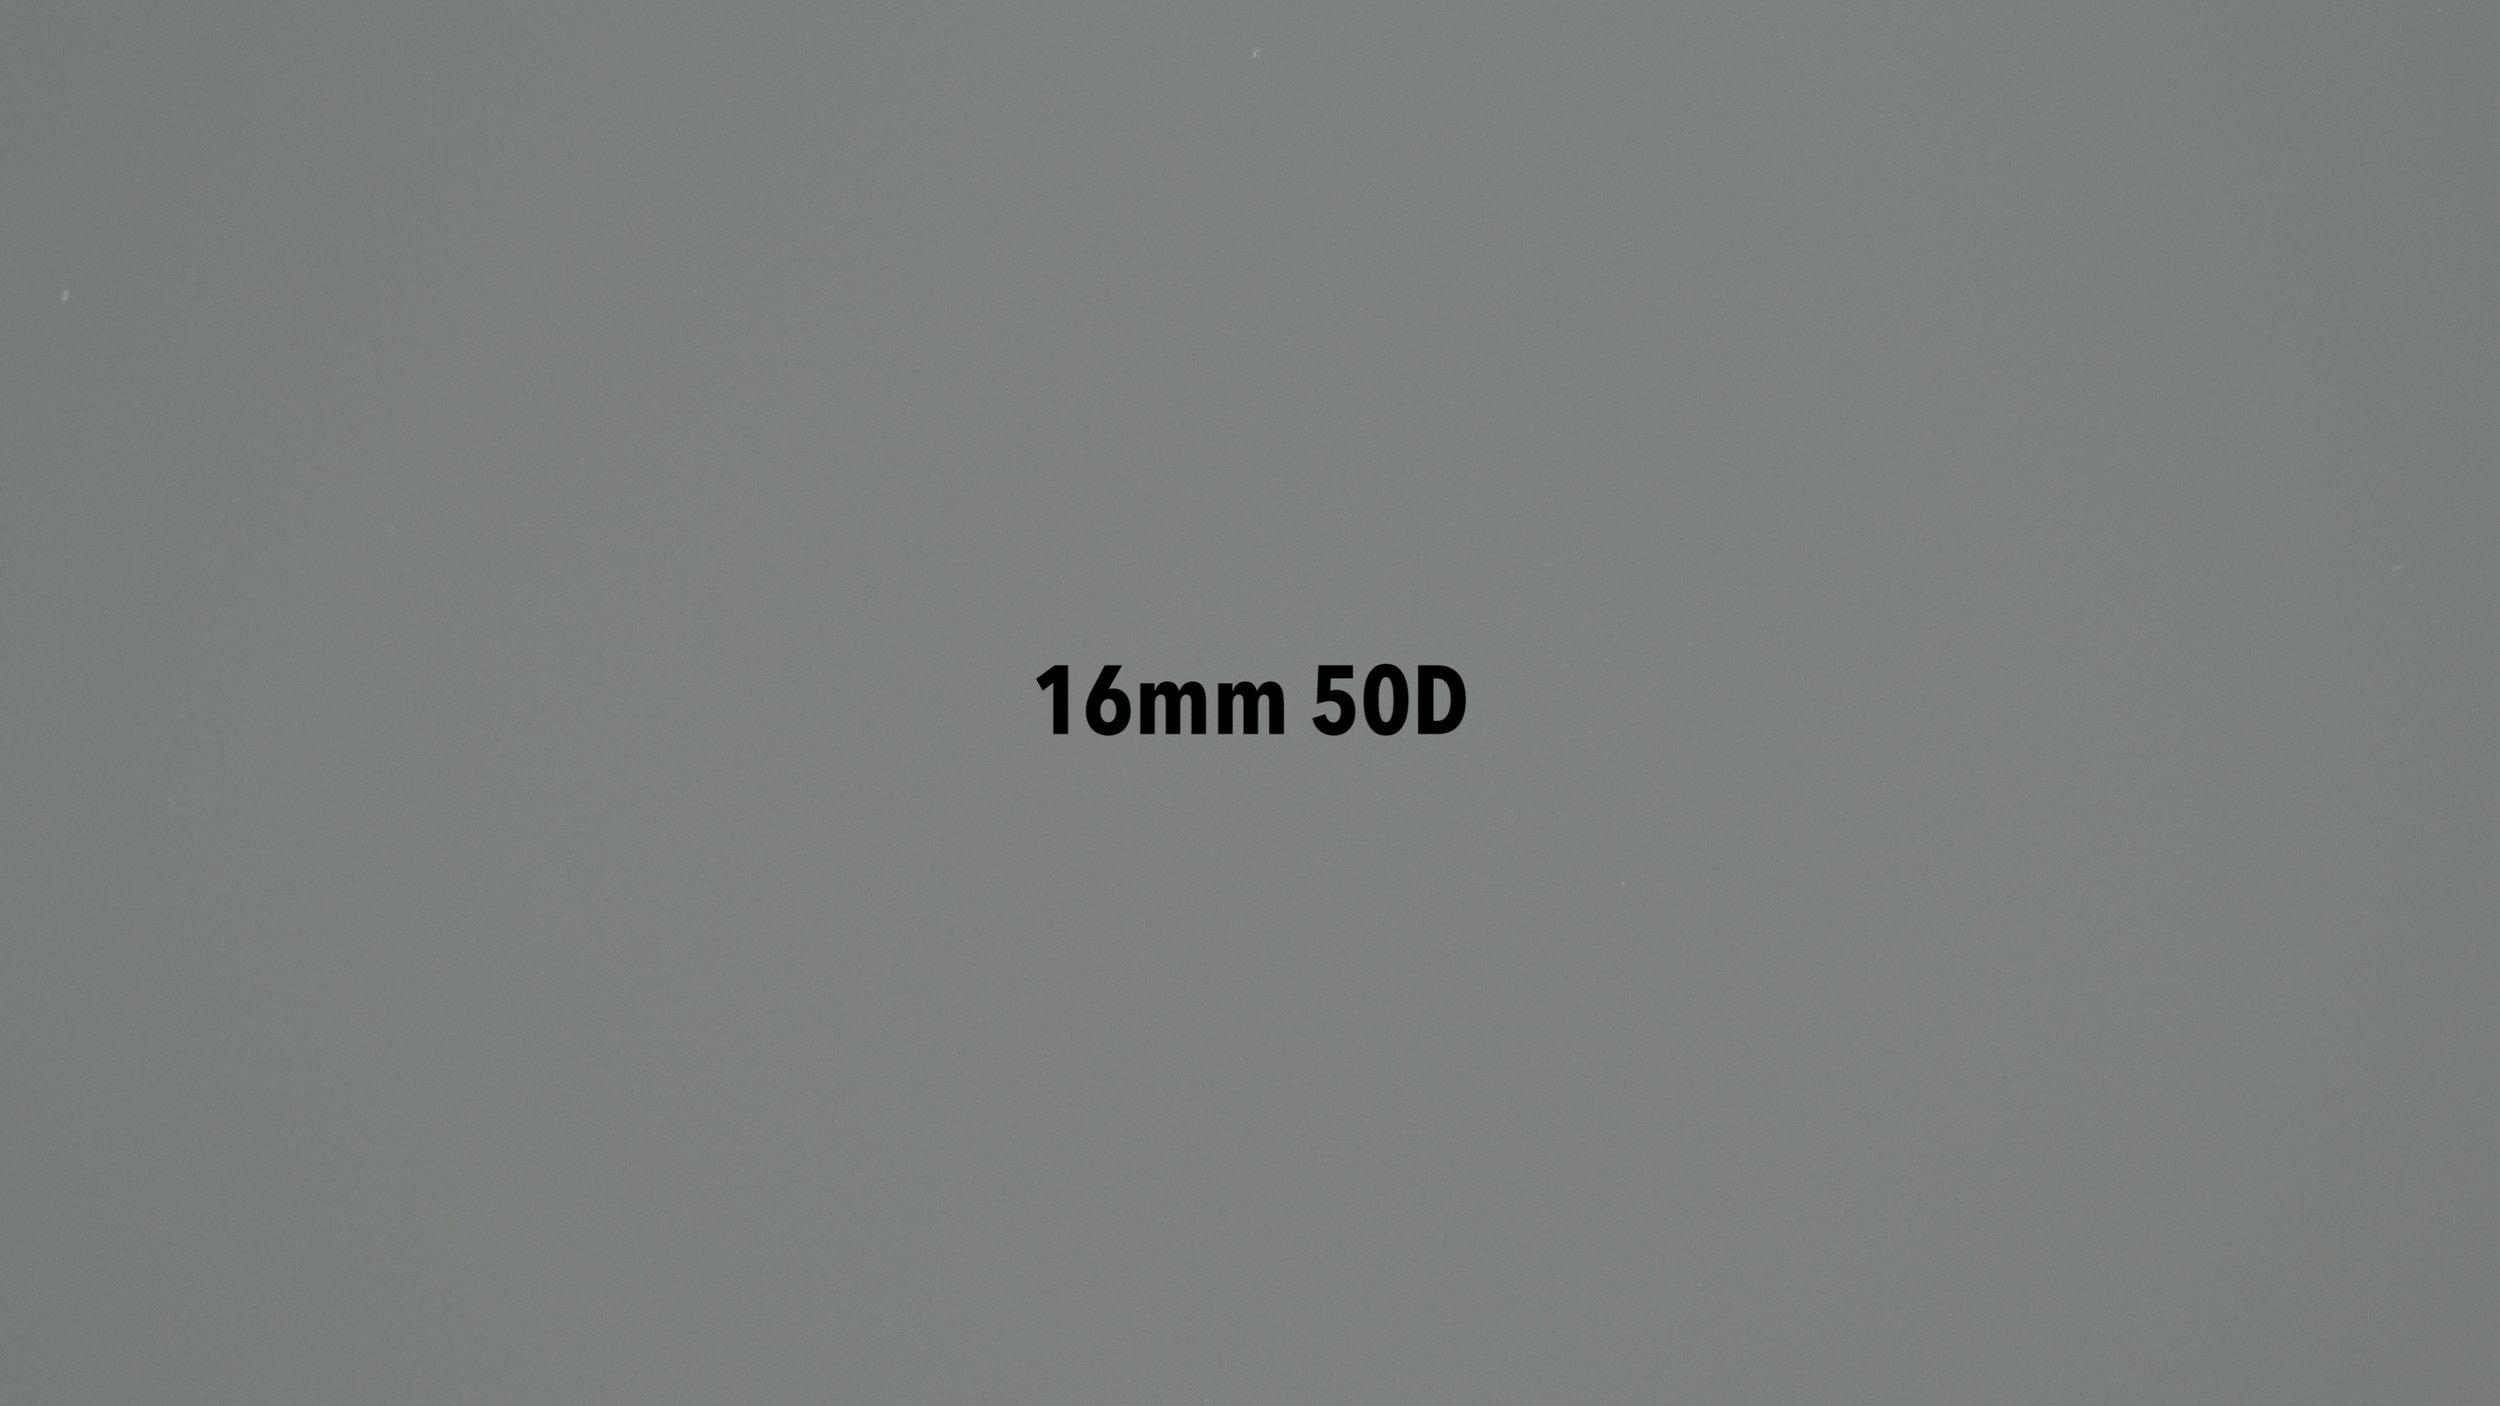 16mm 50D.jpg